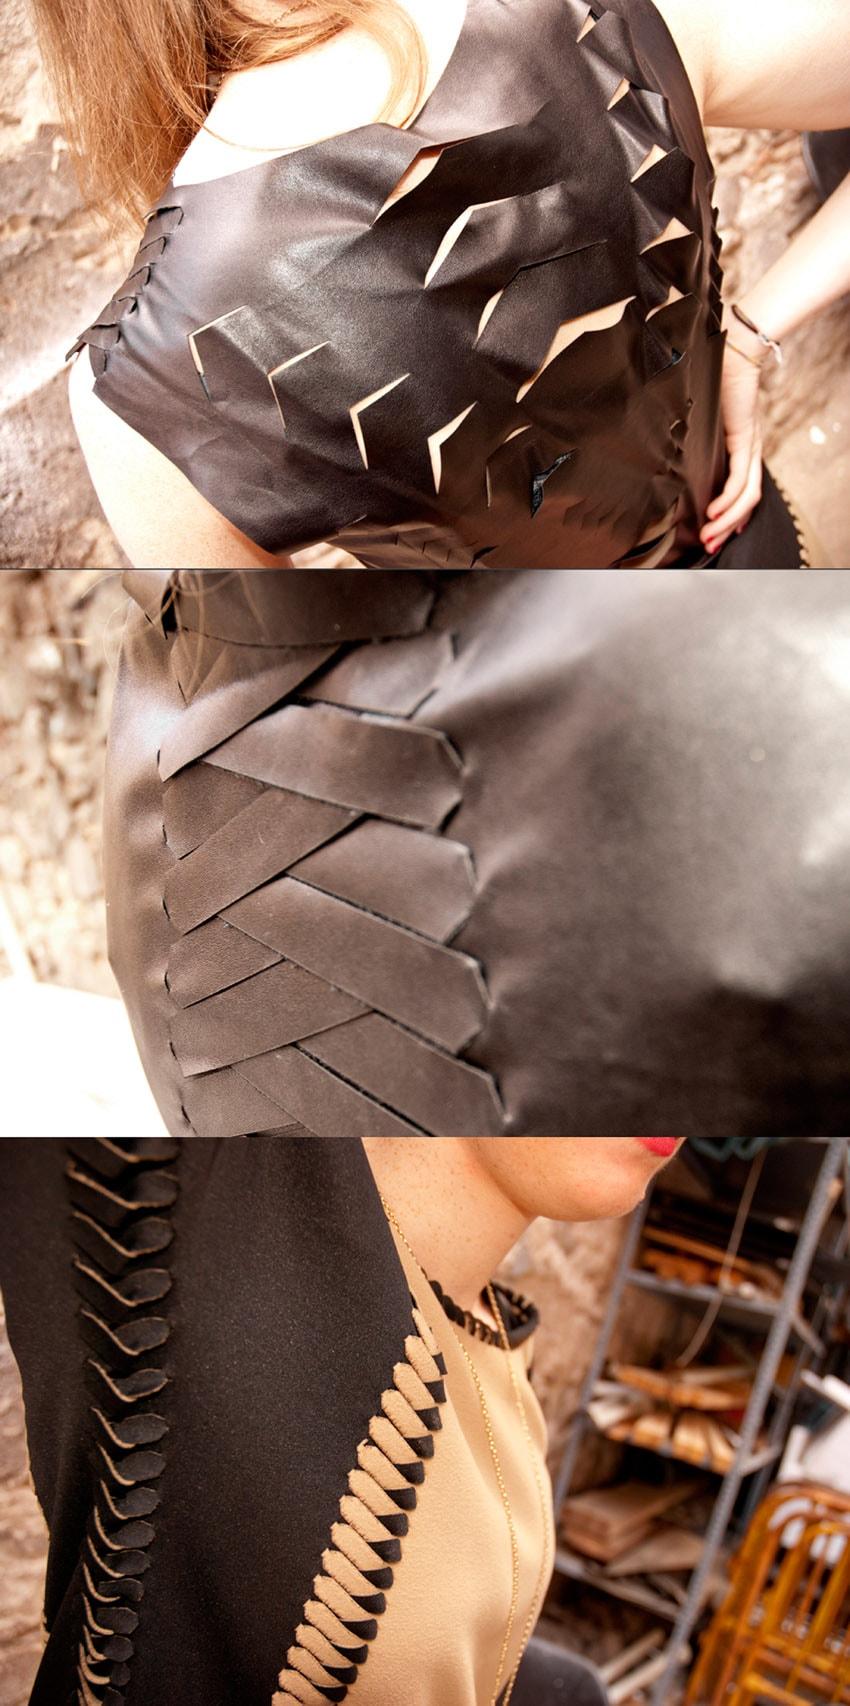 Arquiteta Anastasia Pistofidou criar roupas sem costura através de fabricação digital stylo urbano-6